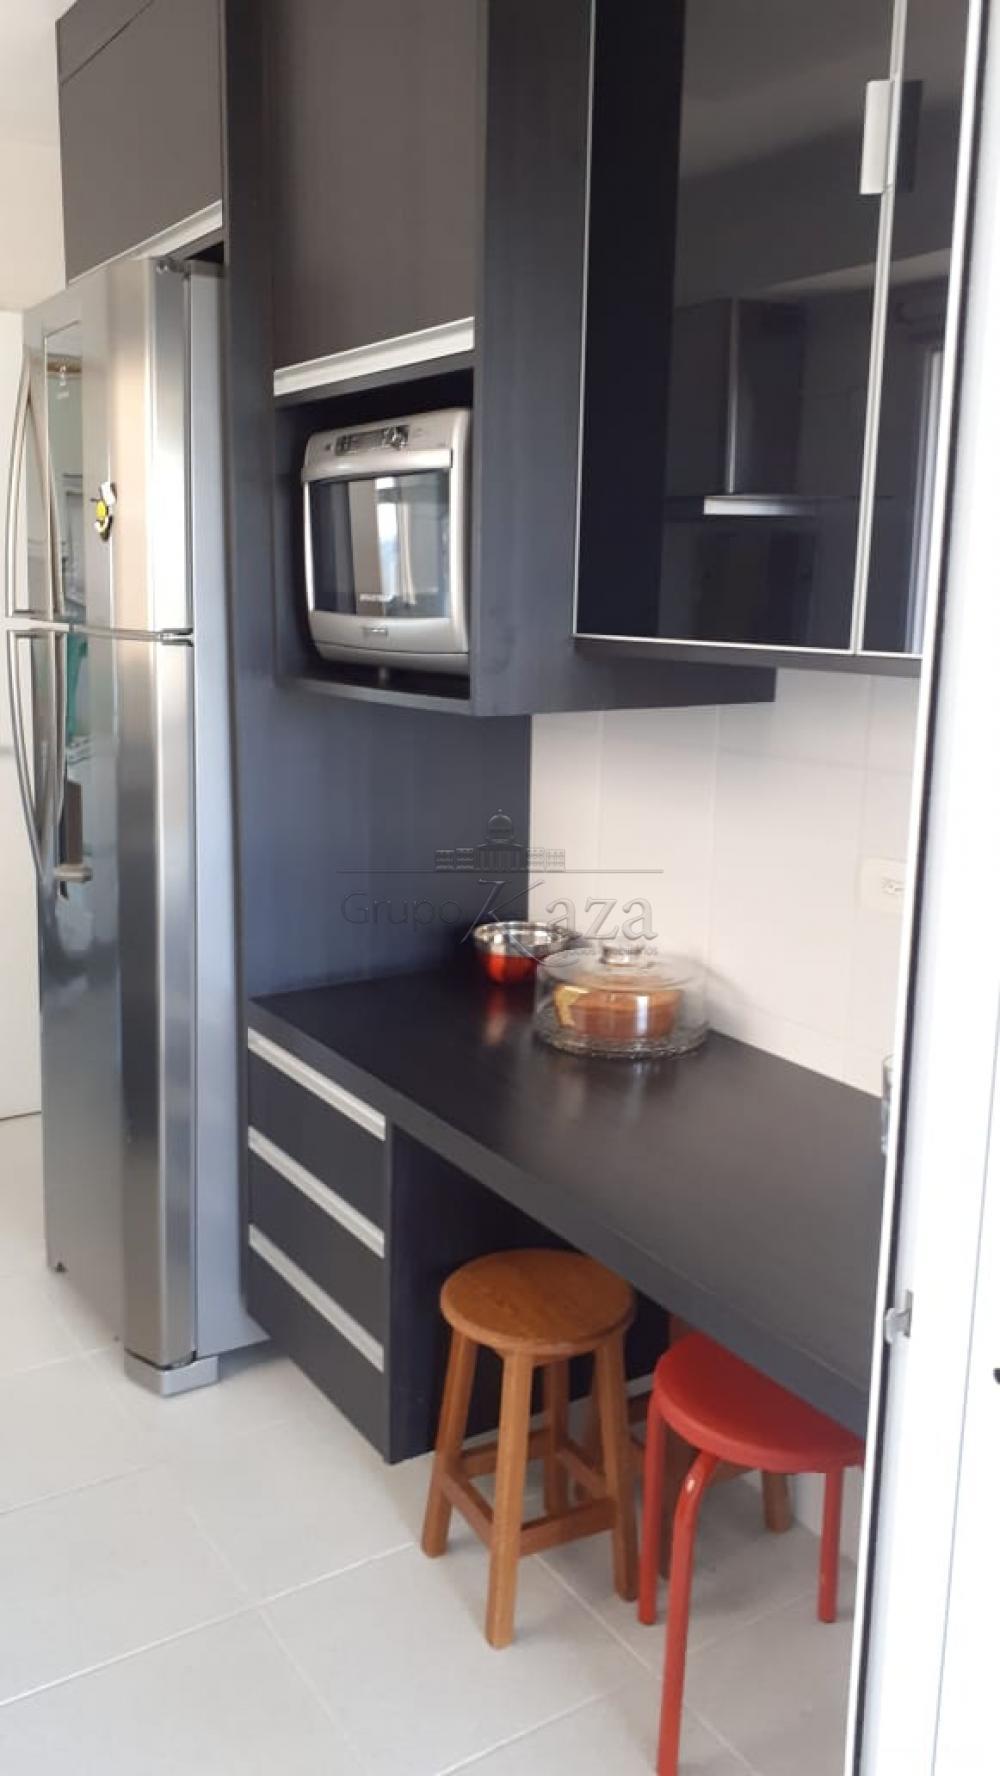 Comprar Apartamento / Padrão em São José dos Campos apenas R$ 930.000,00 - Foto 2